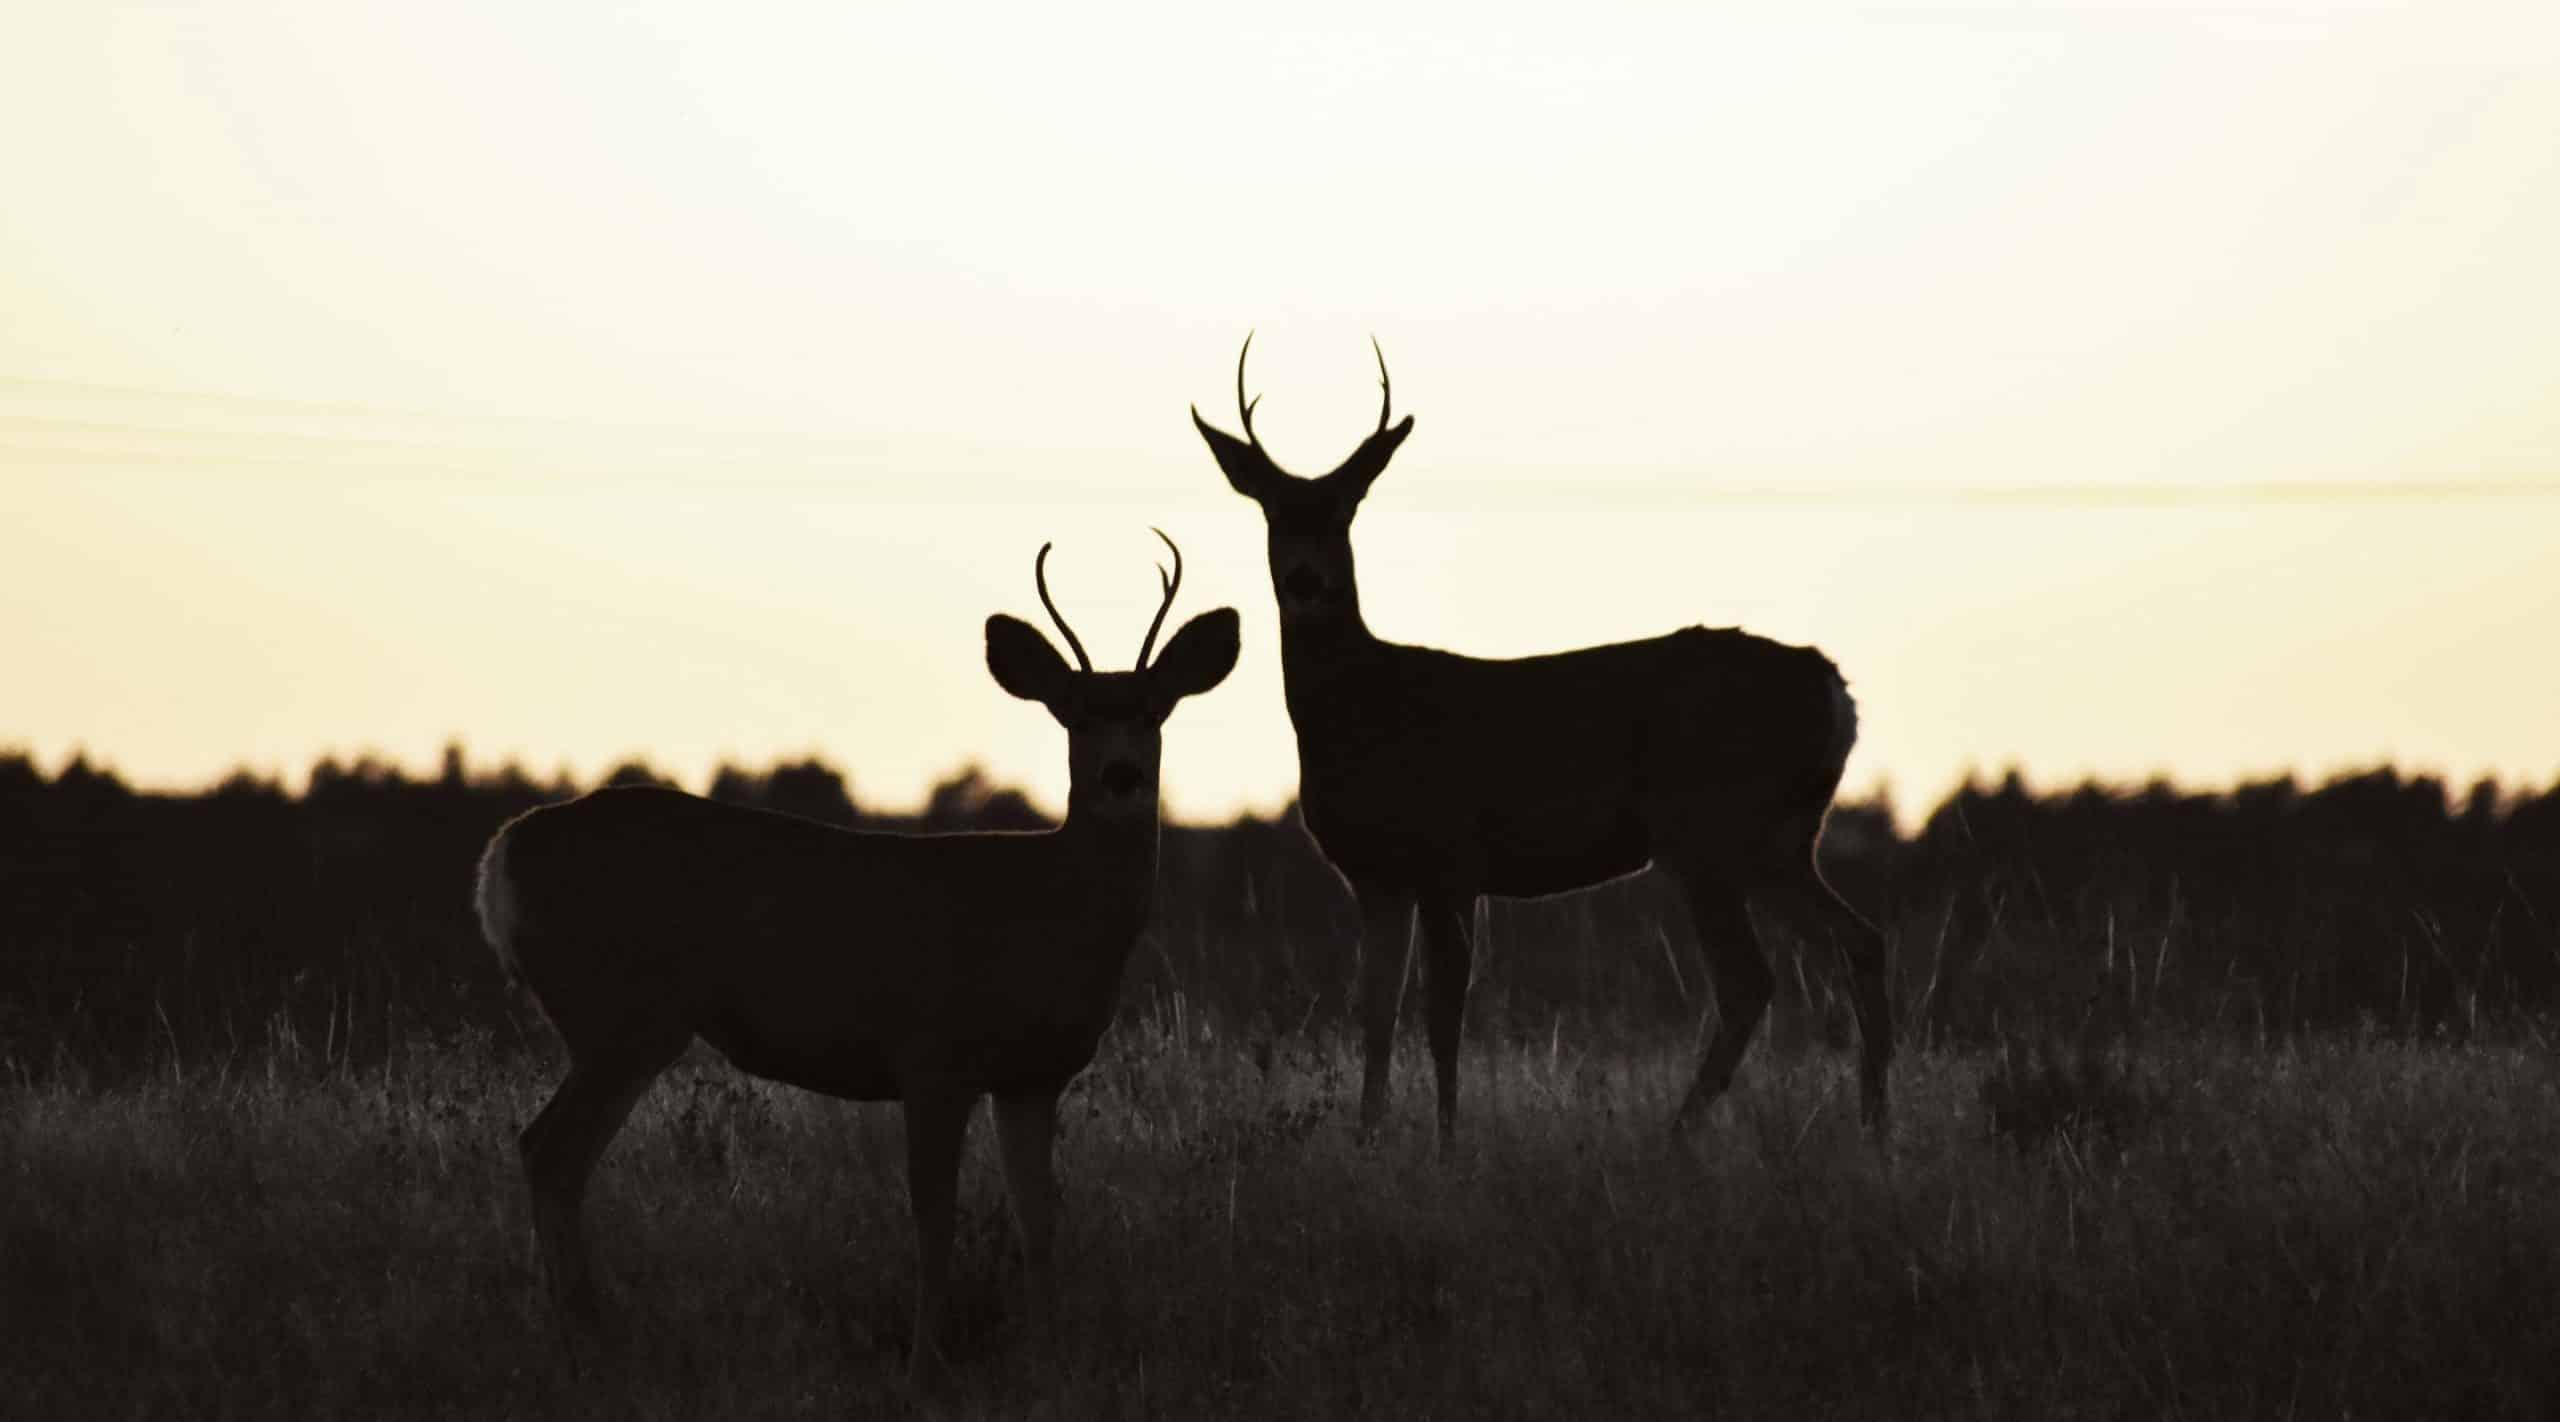 Whitetail deer at sunset